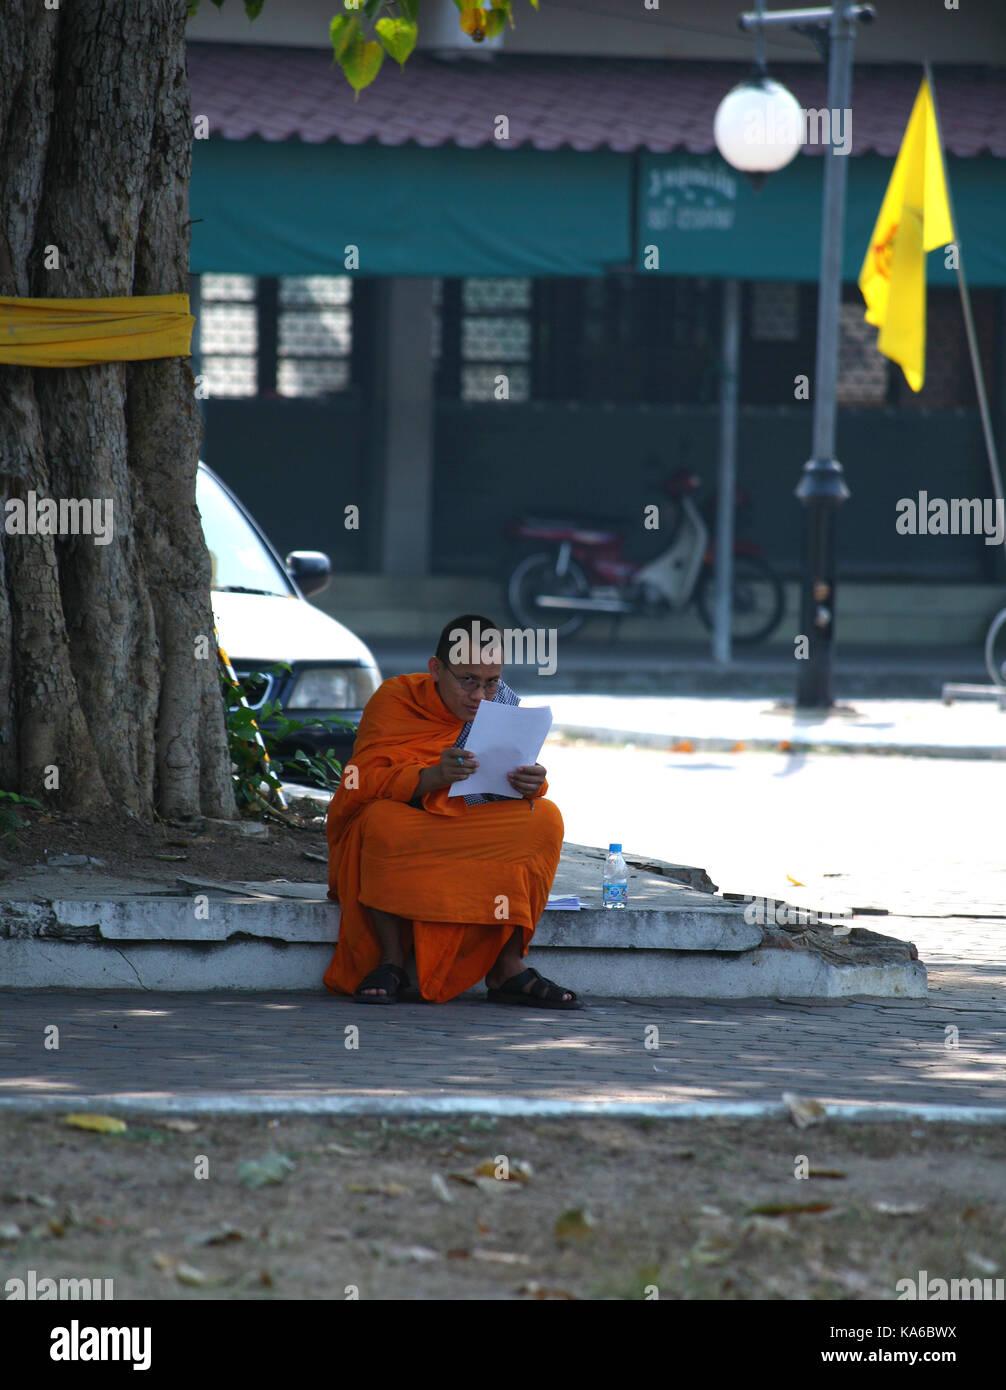 La vida cotidiana en un monasterio budista. Monje budista lee un libro debajo de un árbol. Foto de stock